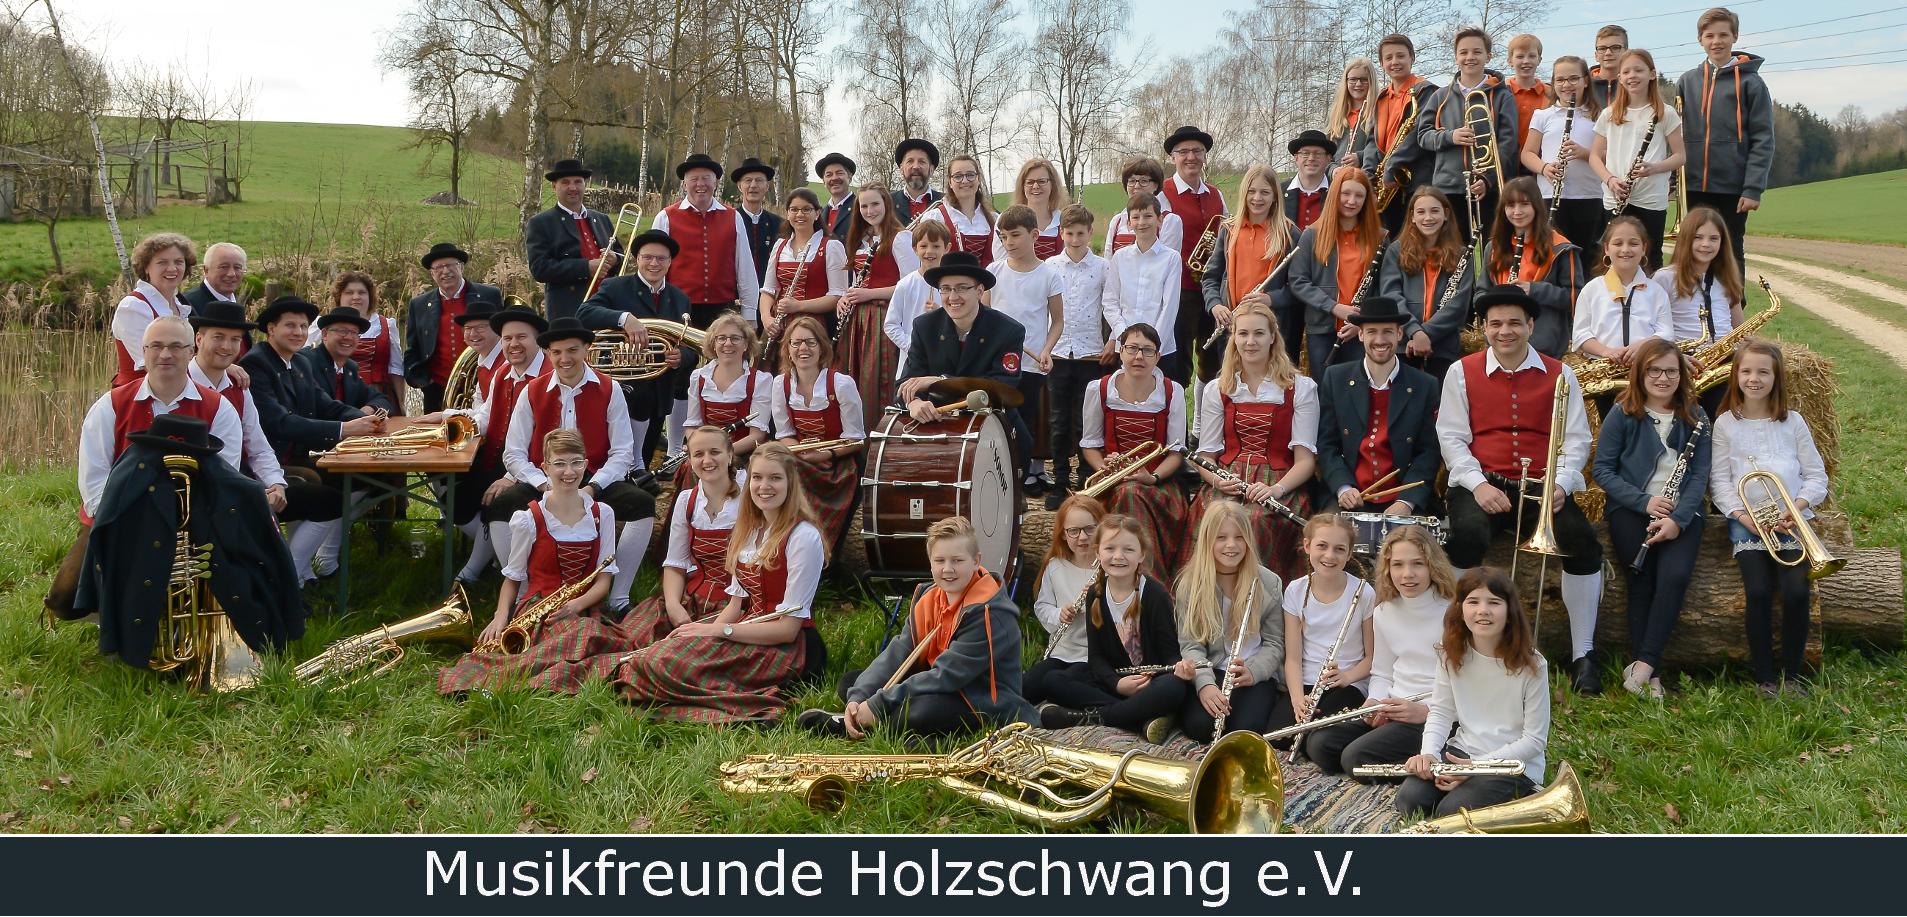 Musikfreunde Holzschwang